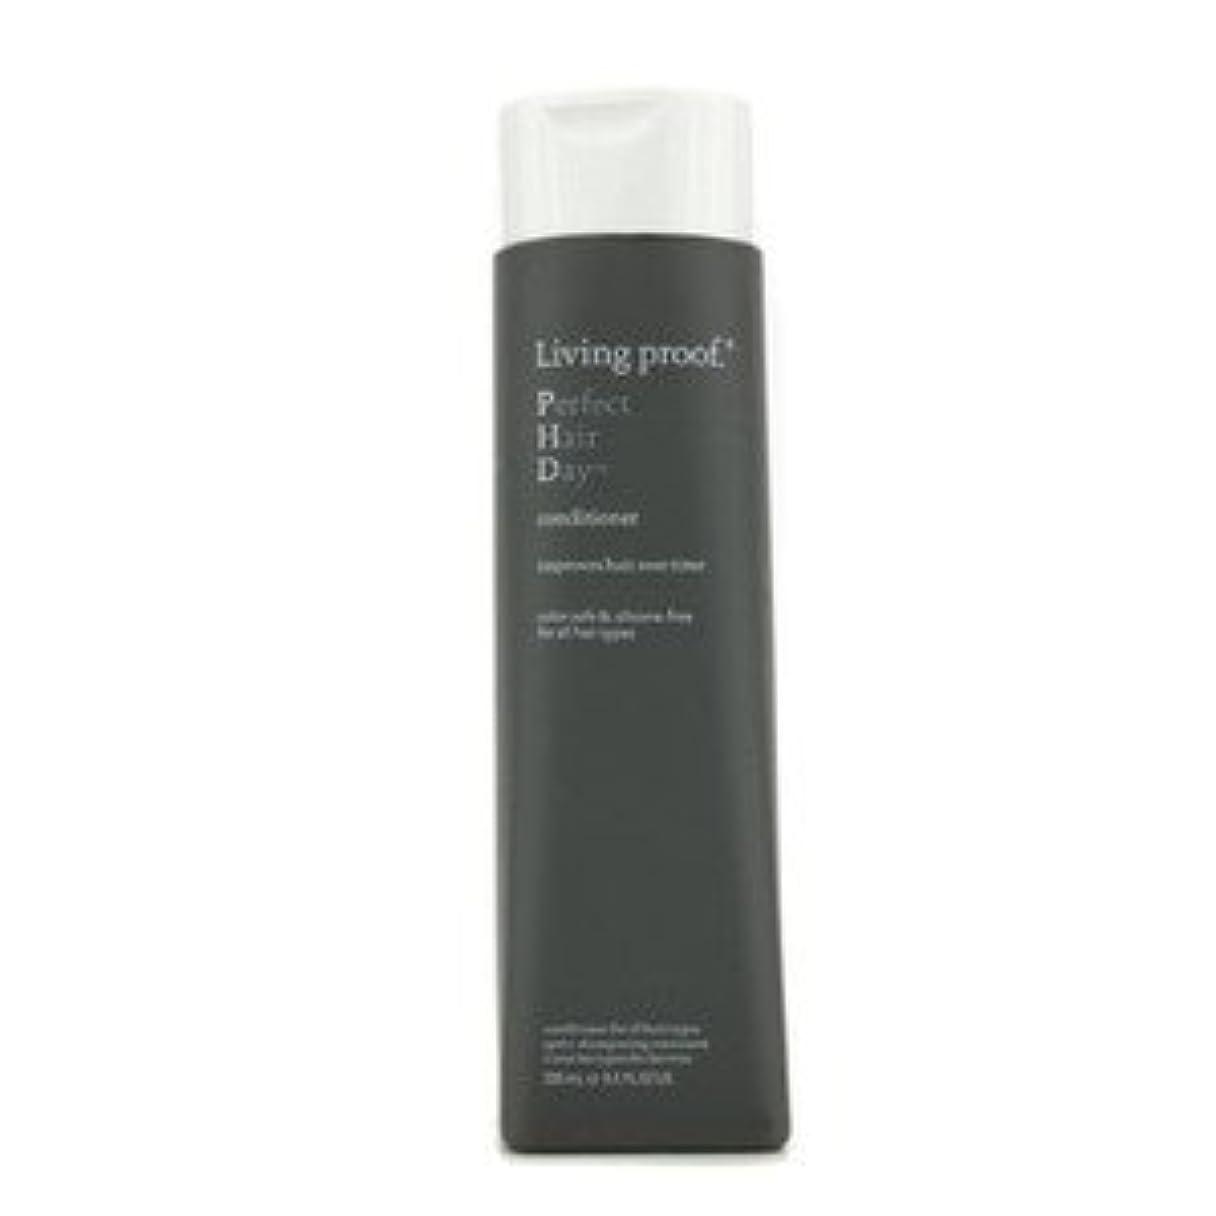 ブラシ先祖散らすLiving Proof パーフェクト ヘア デイ コンディショナー(For All Hair Types) 236ml/8oz [並行輸入品]